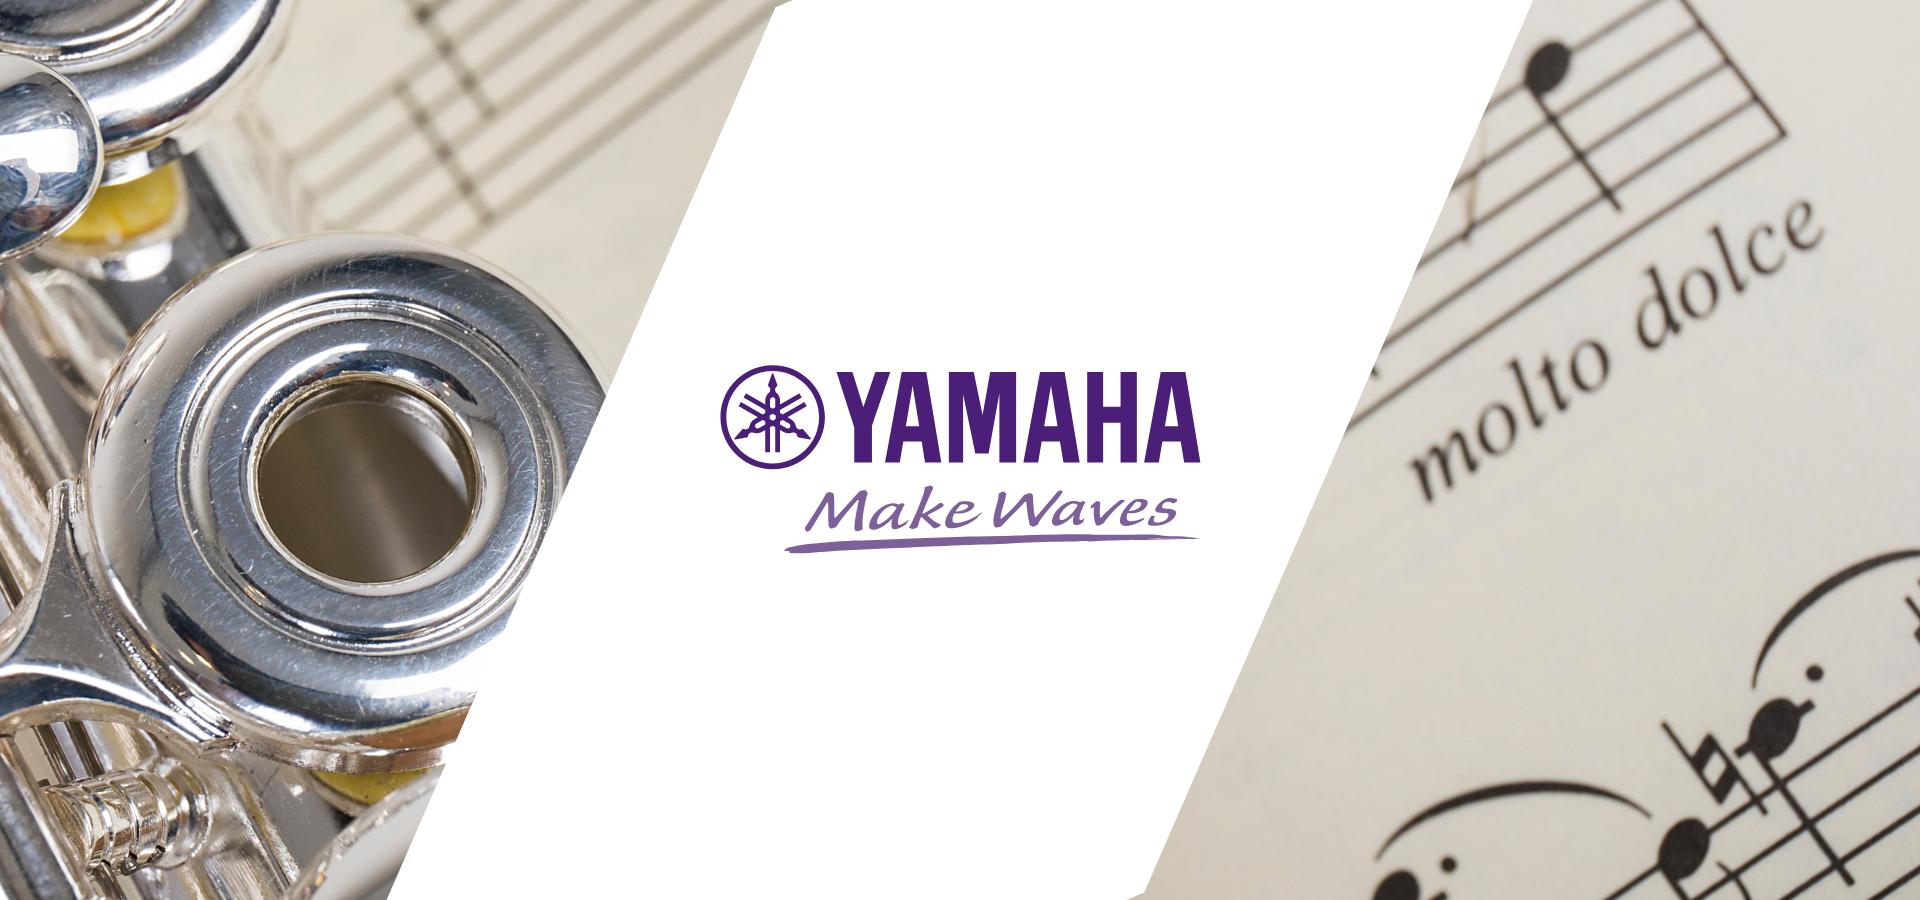 Flautas Yamaha